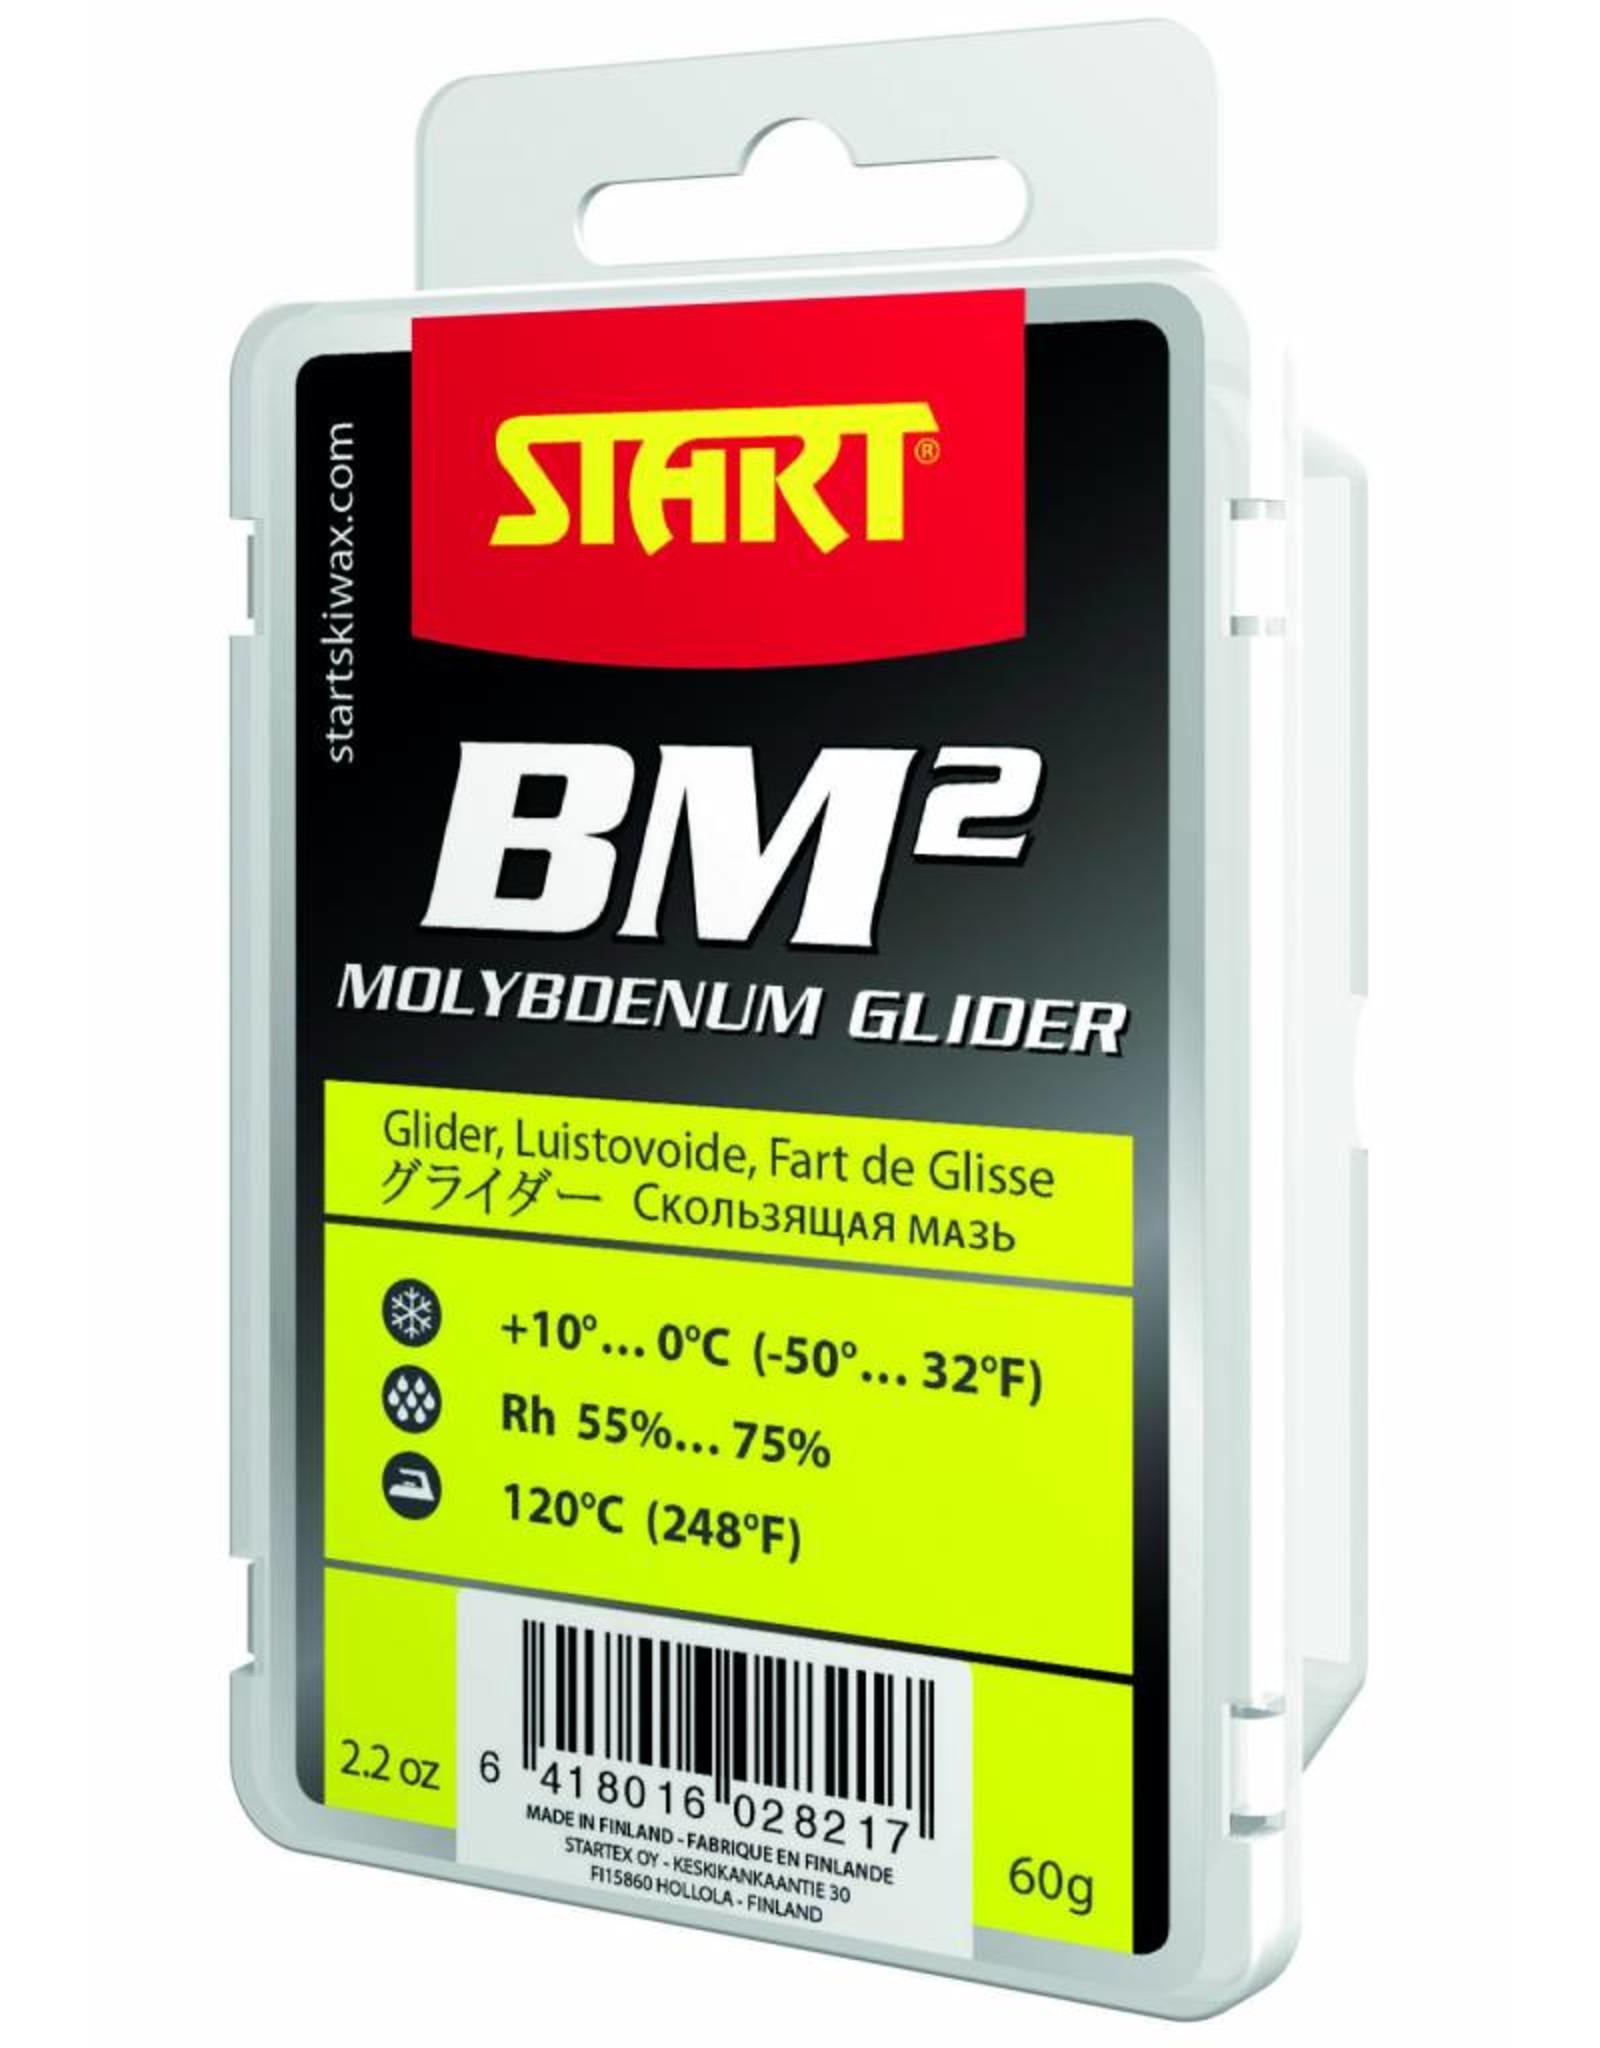 Start Black Magic Glider BM2 60g